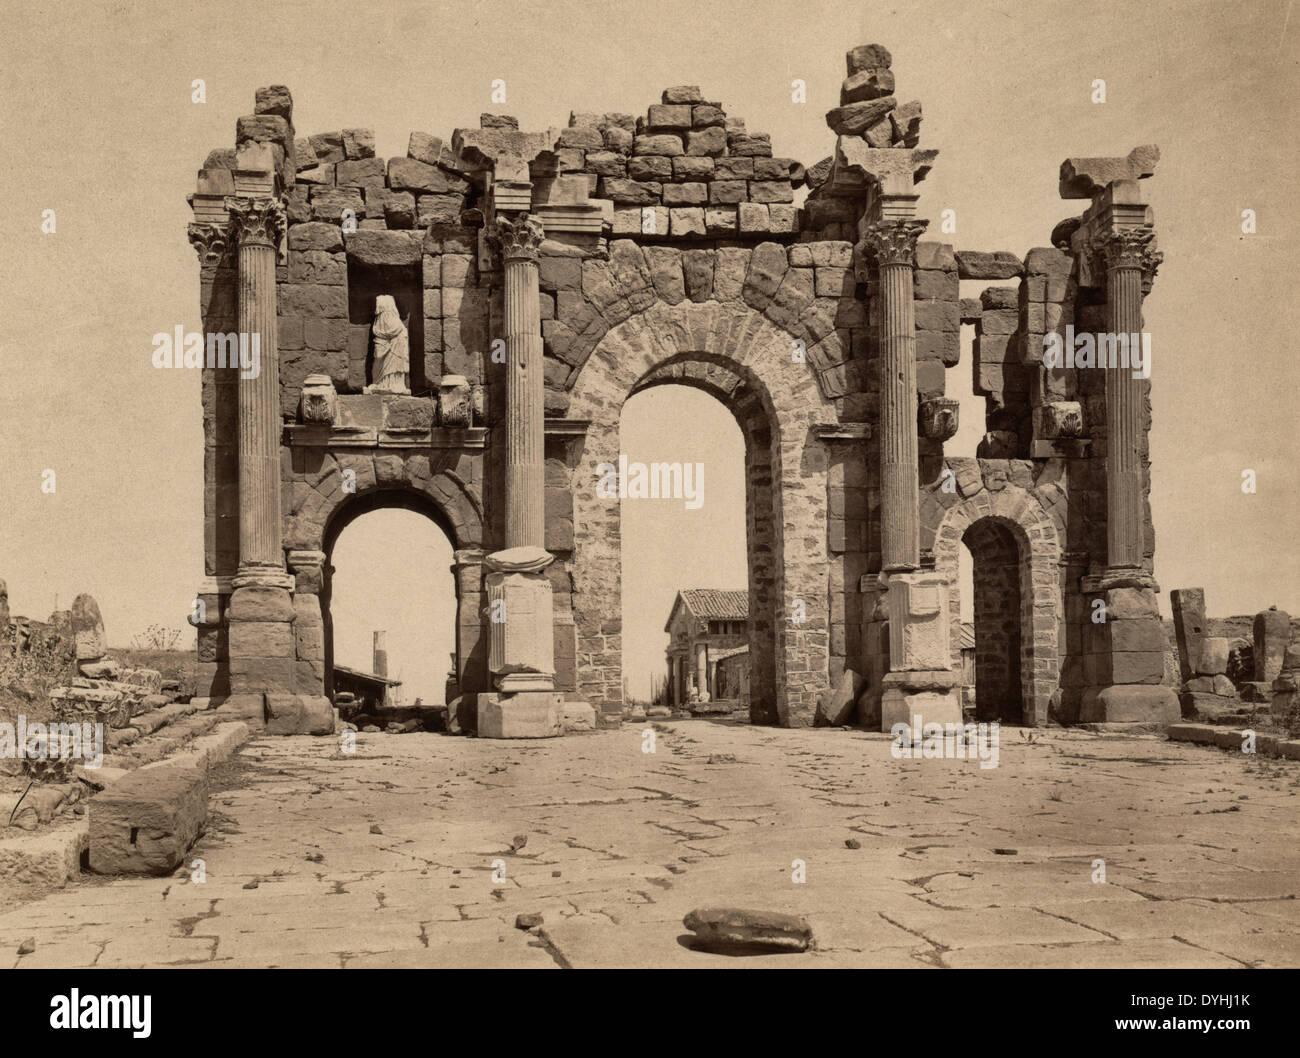 Zusammenfassung: Ruinen des römischen Bogens von Trajan bei Thamugadi (Timgad), Algerien, um 1880 Stockbild